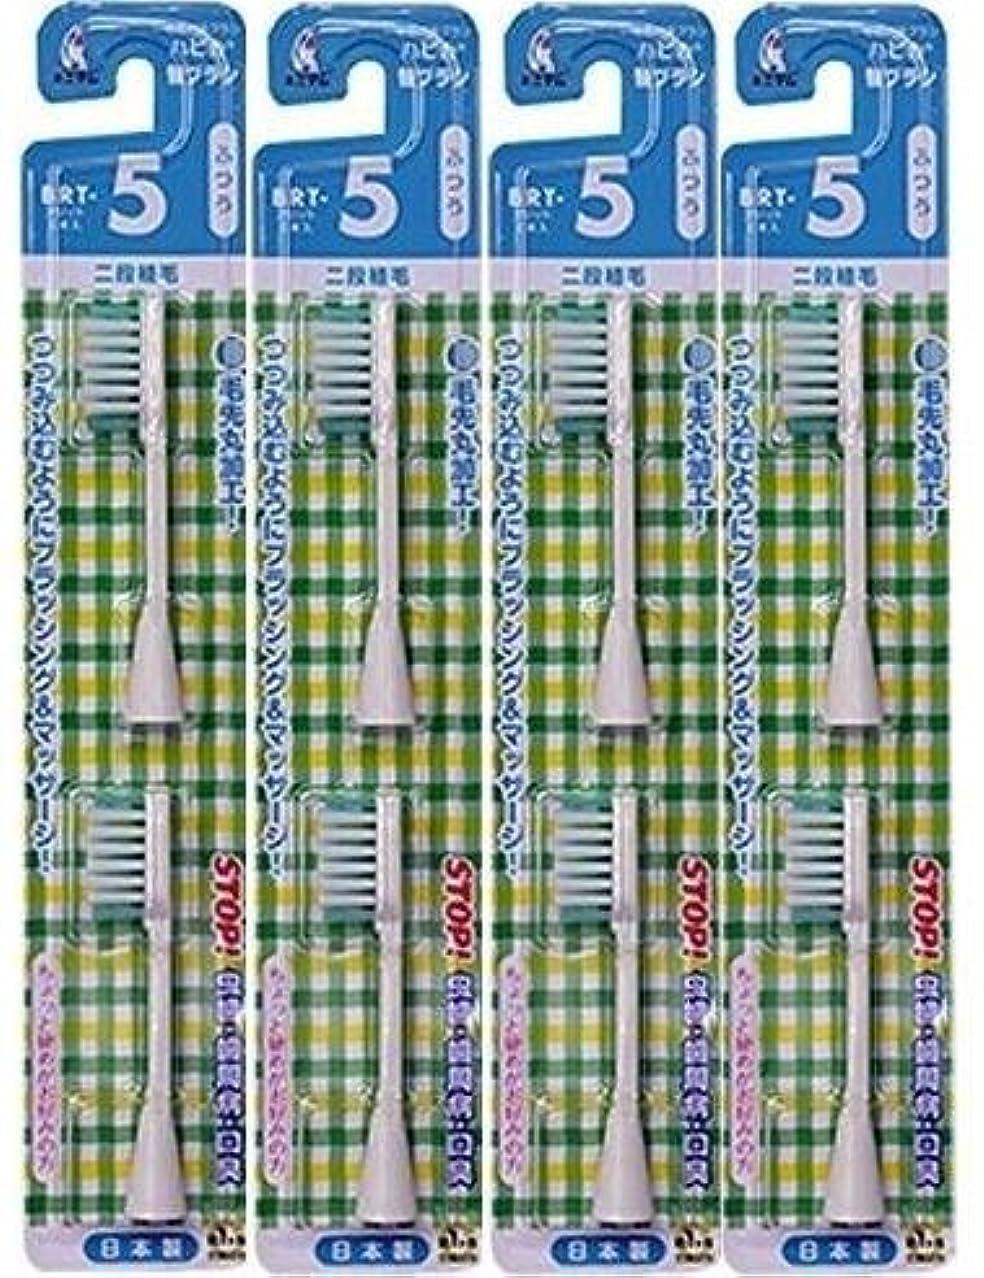 電動歯ブラシ ハピカ専用替ブラシふつう 2段植毛2本入(BRT-5T)×4個セット